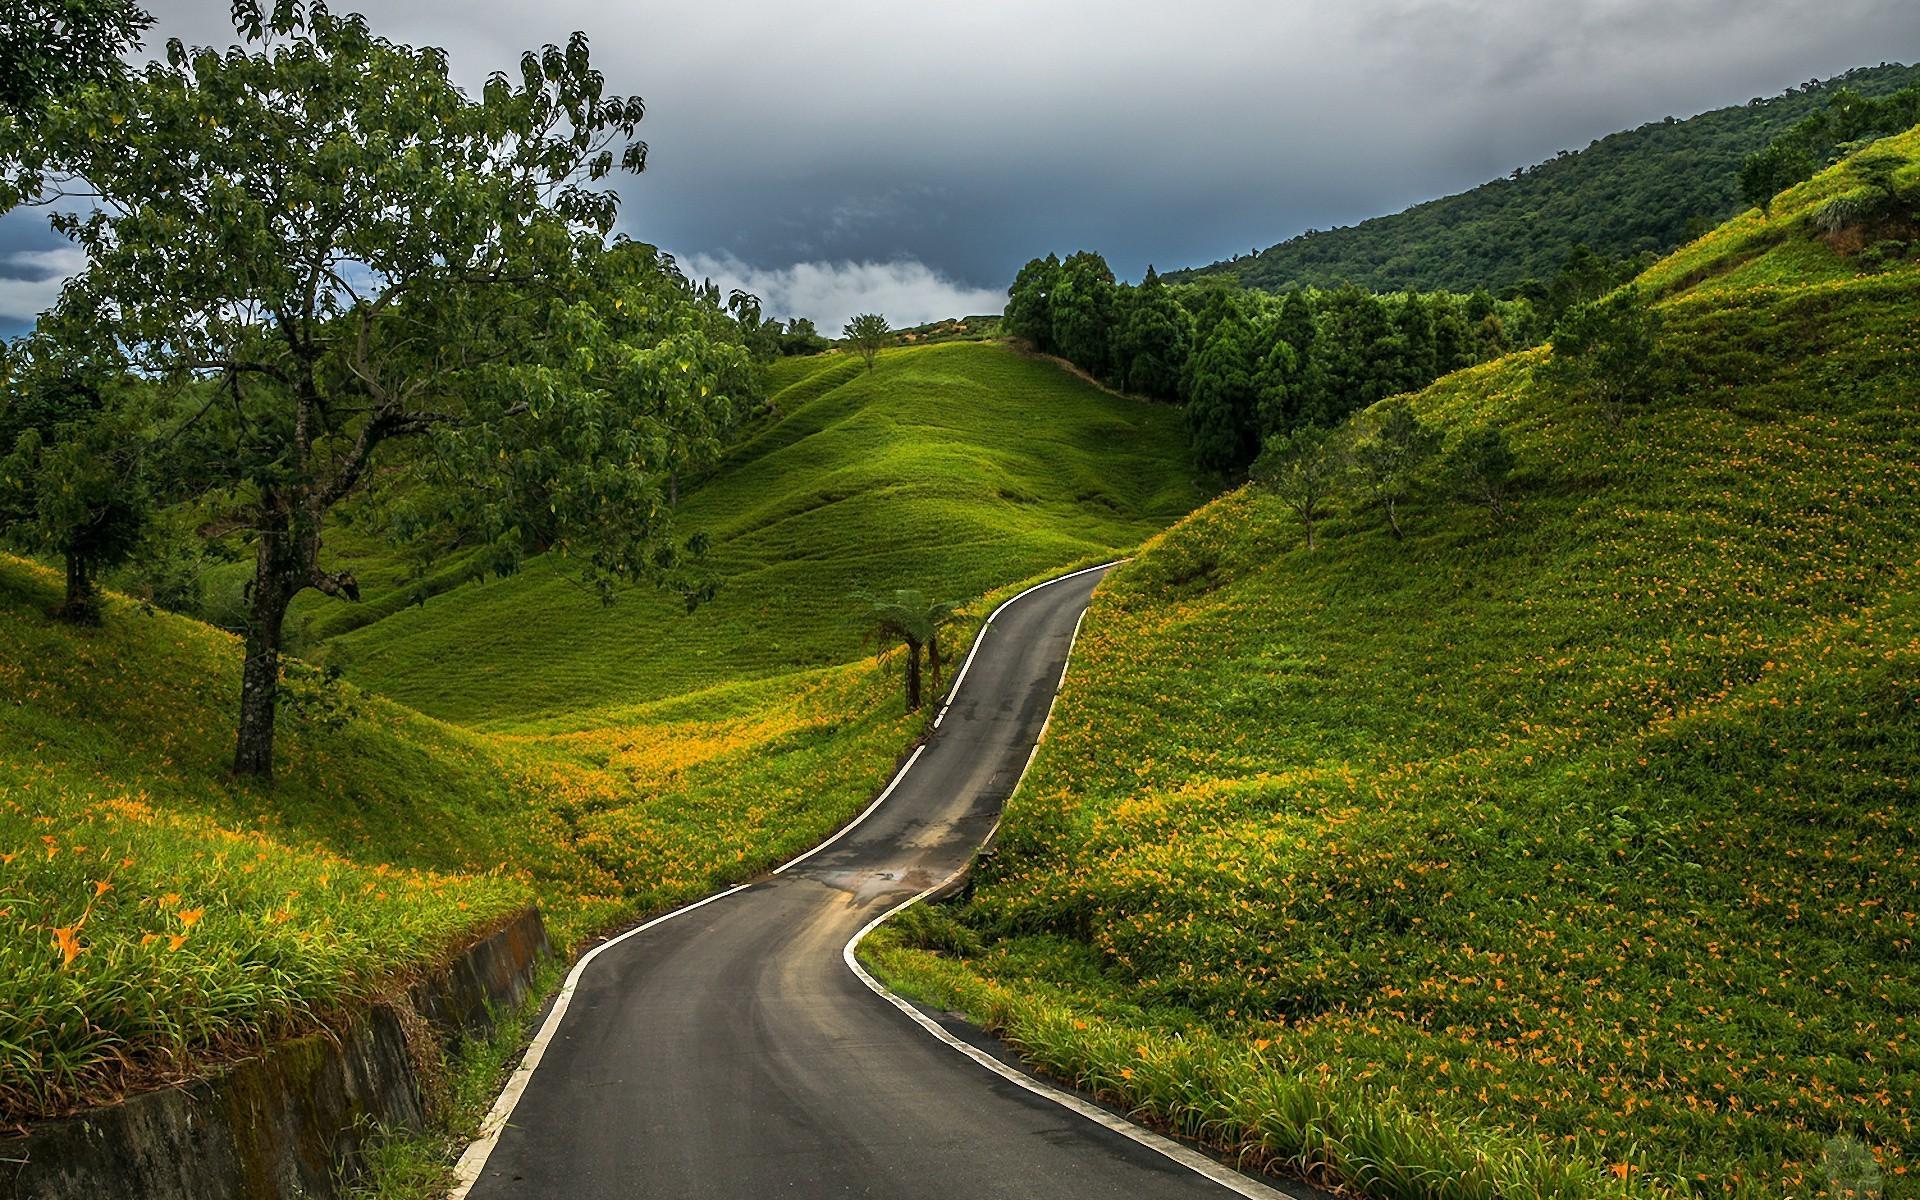 картинка с природой и дорог нужного угла обзора